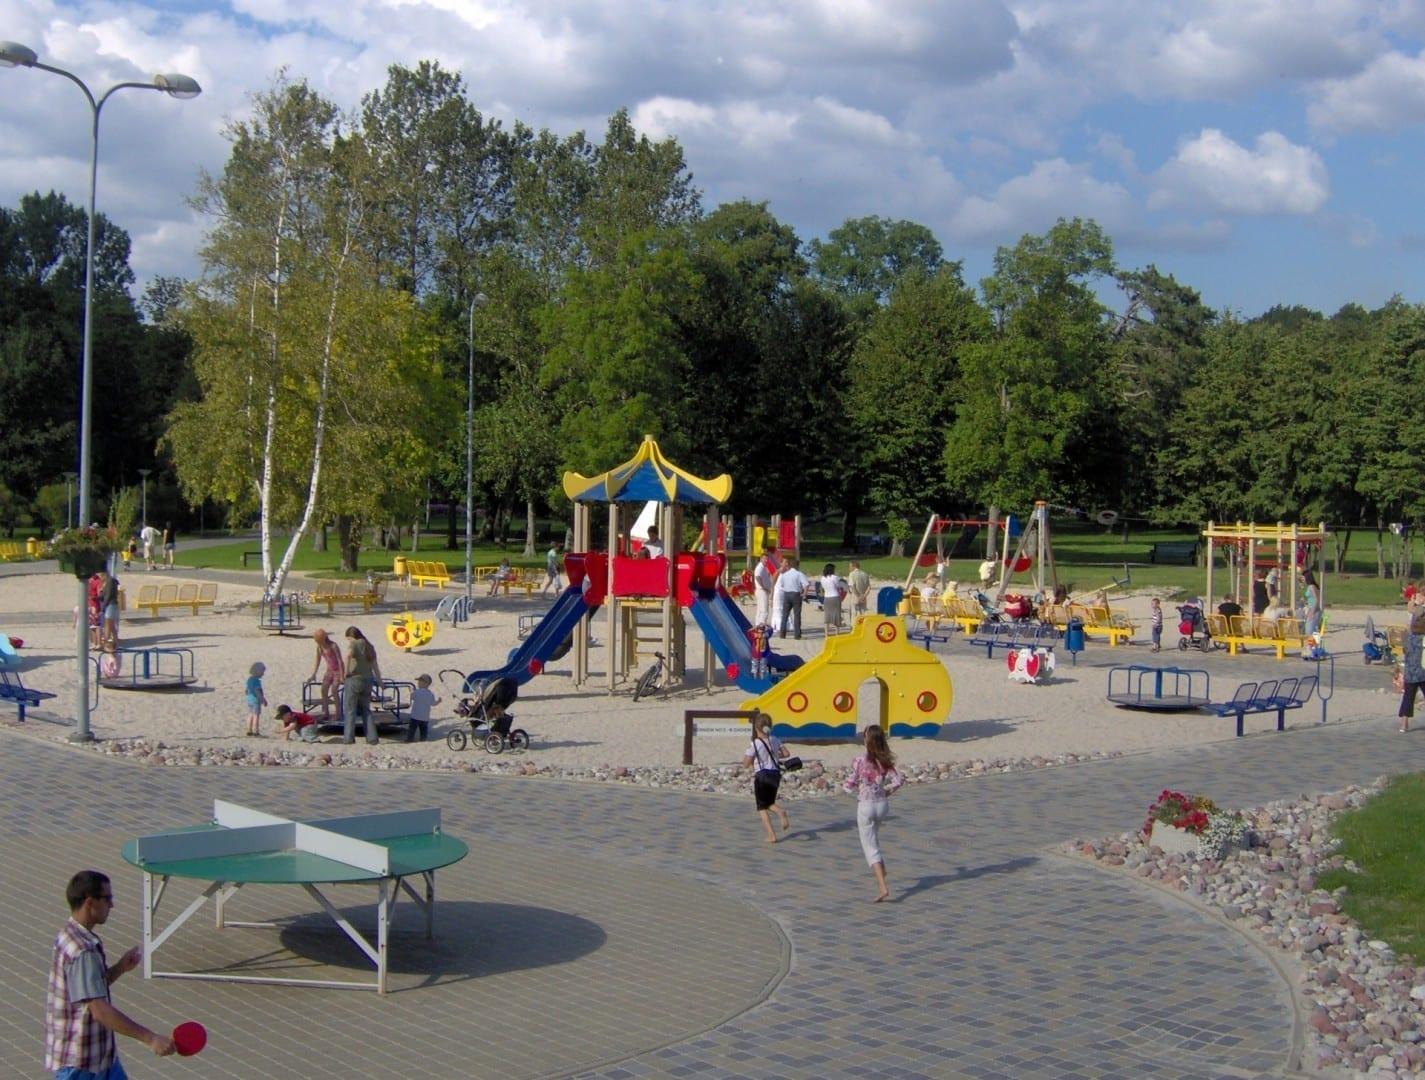 Parque de juegos en Seaside Park Liepaja Letonia